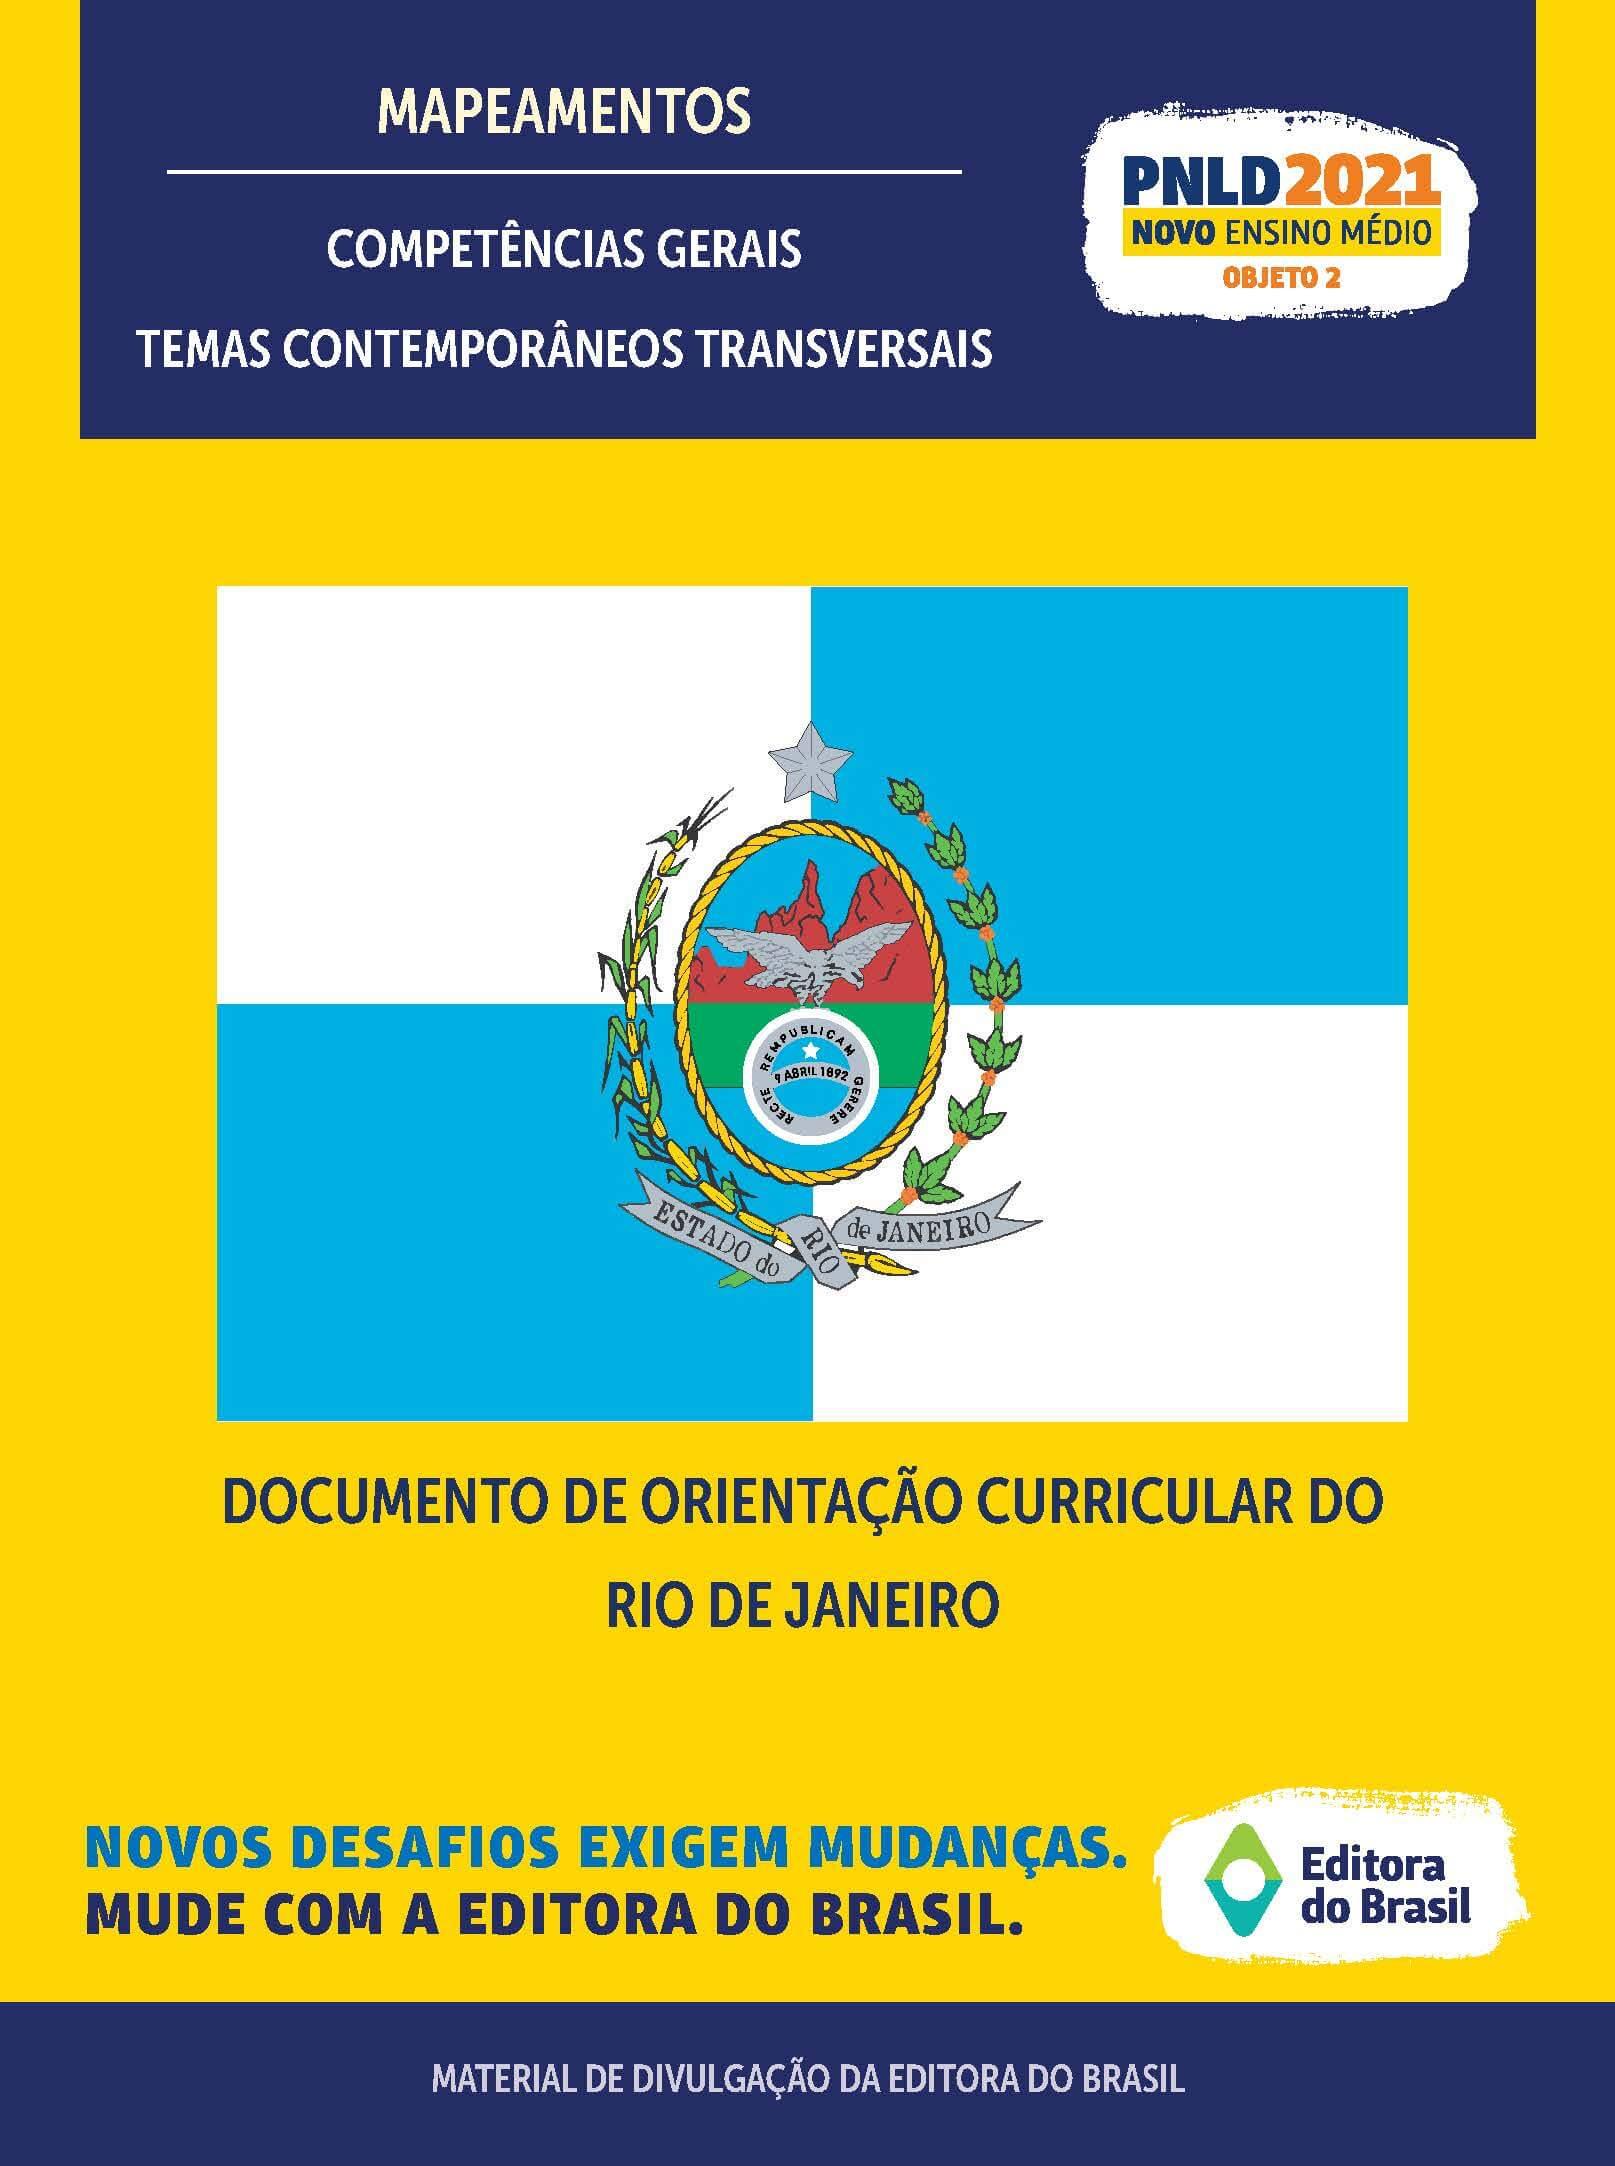 DOCUMENTO DE ORIENTAÇÃO CURRICULAR DO RIO DE JANEIRO